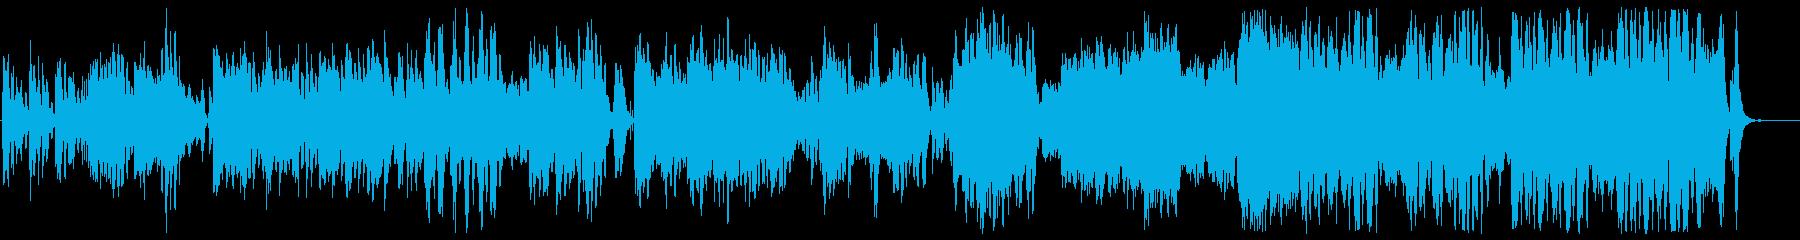 メルヘンで優しいシンセサウンドの再生済みの波形